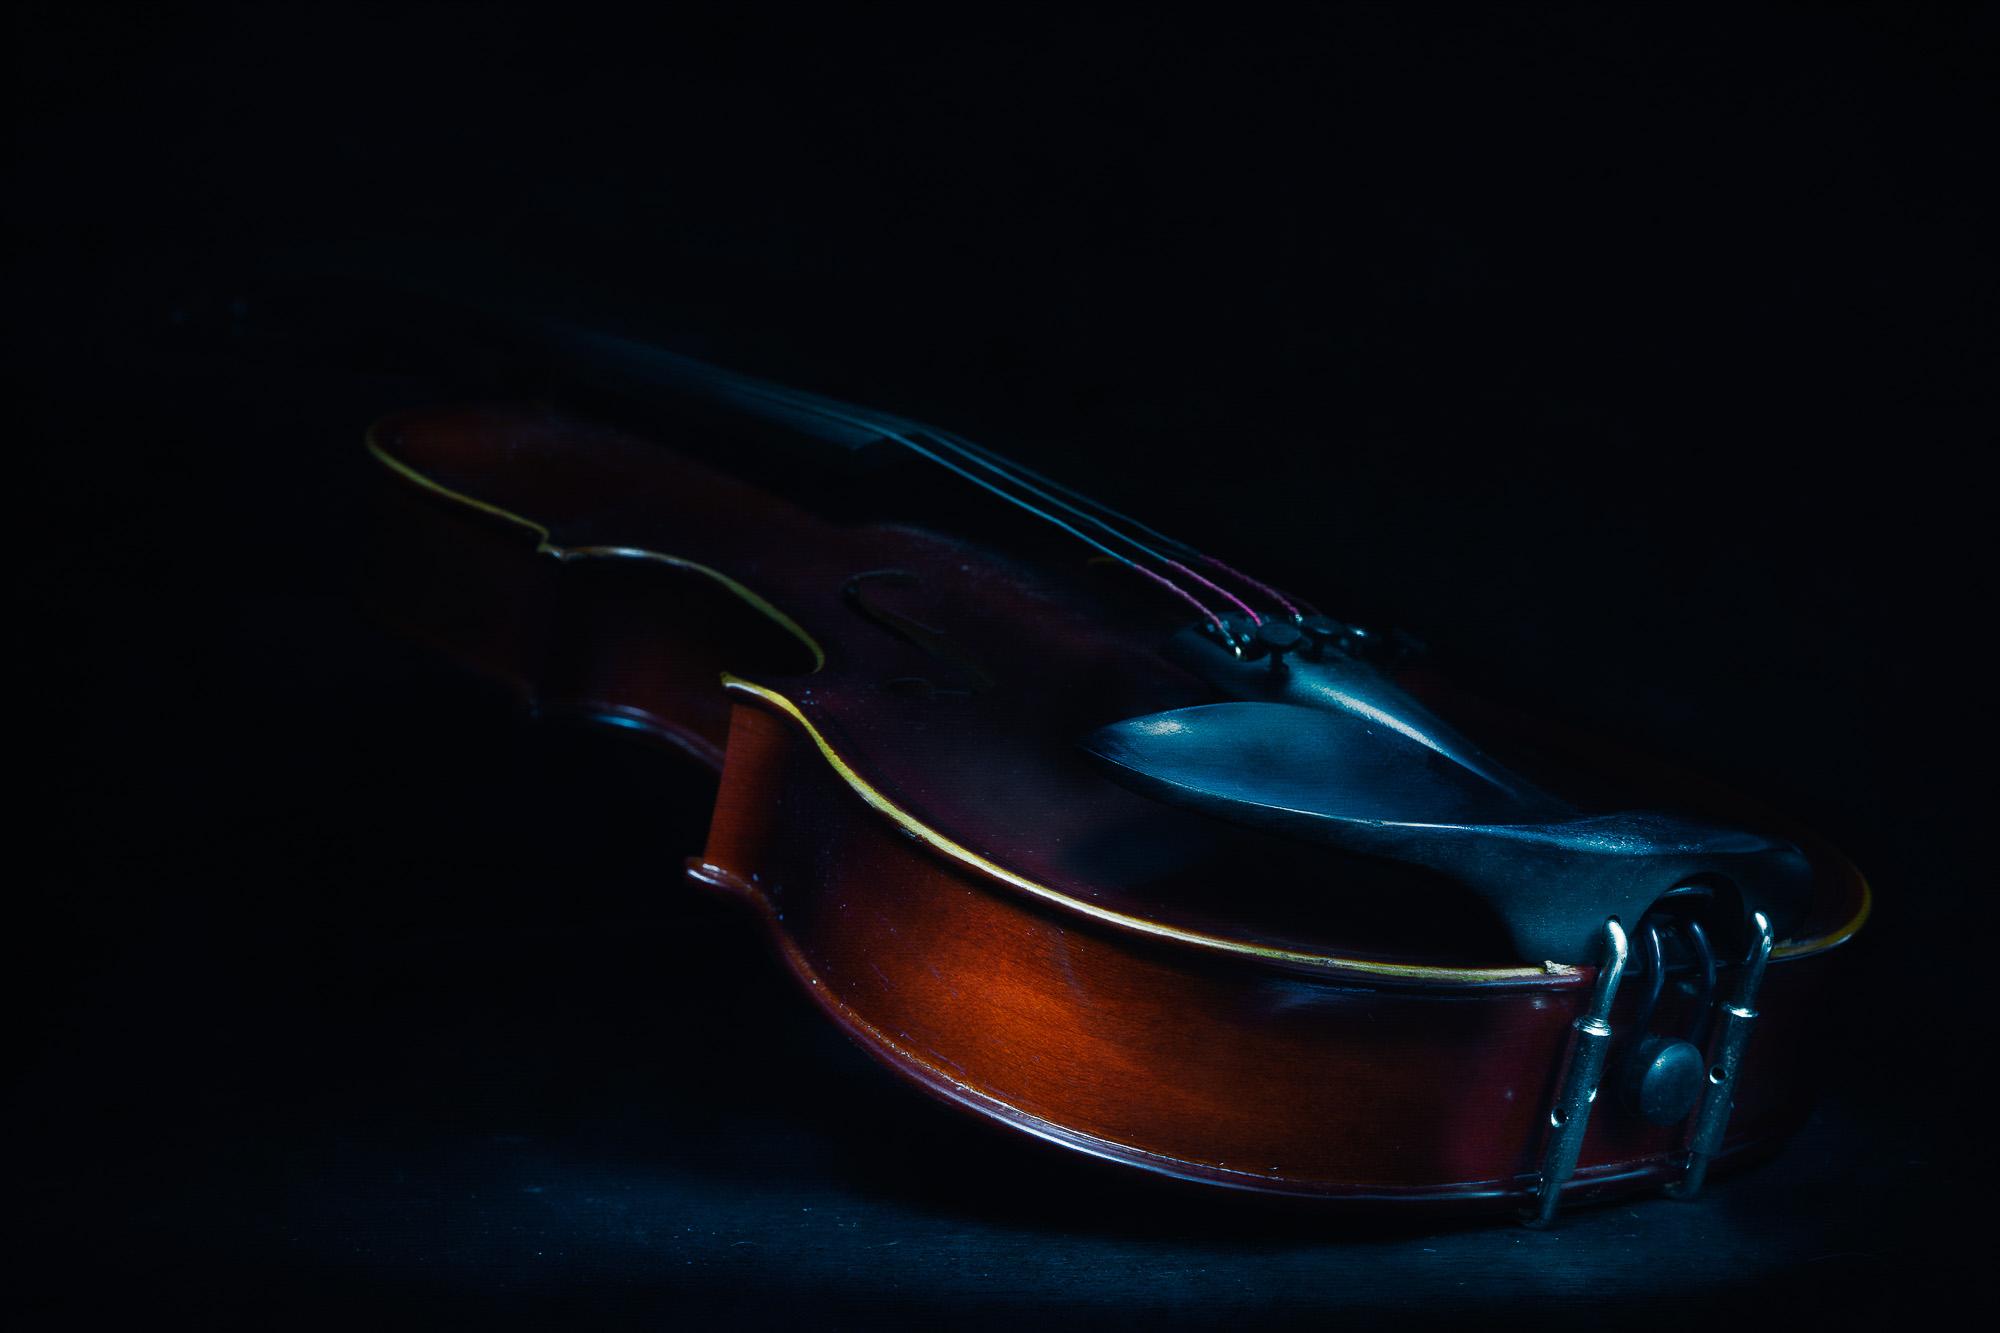 Julie Powell_The Violin-3.jpg